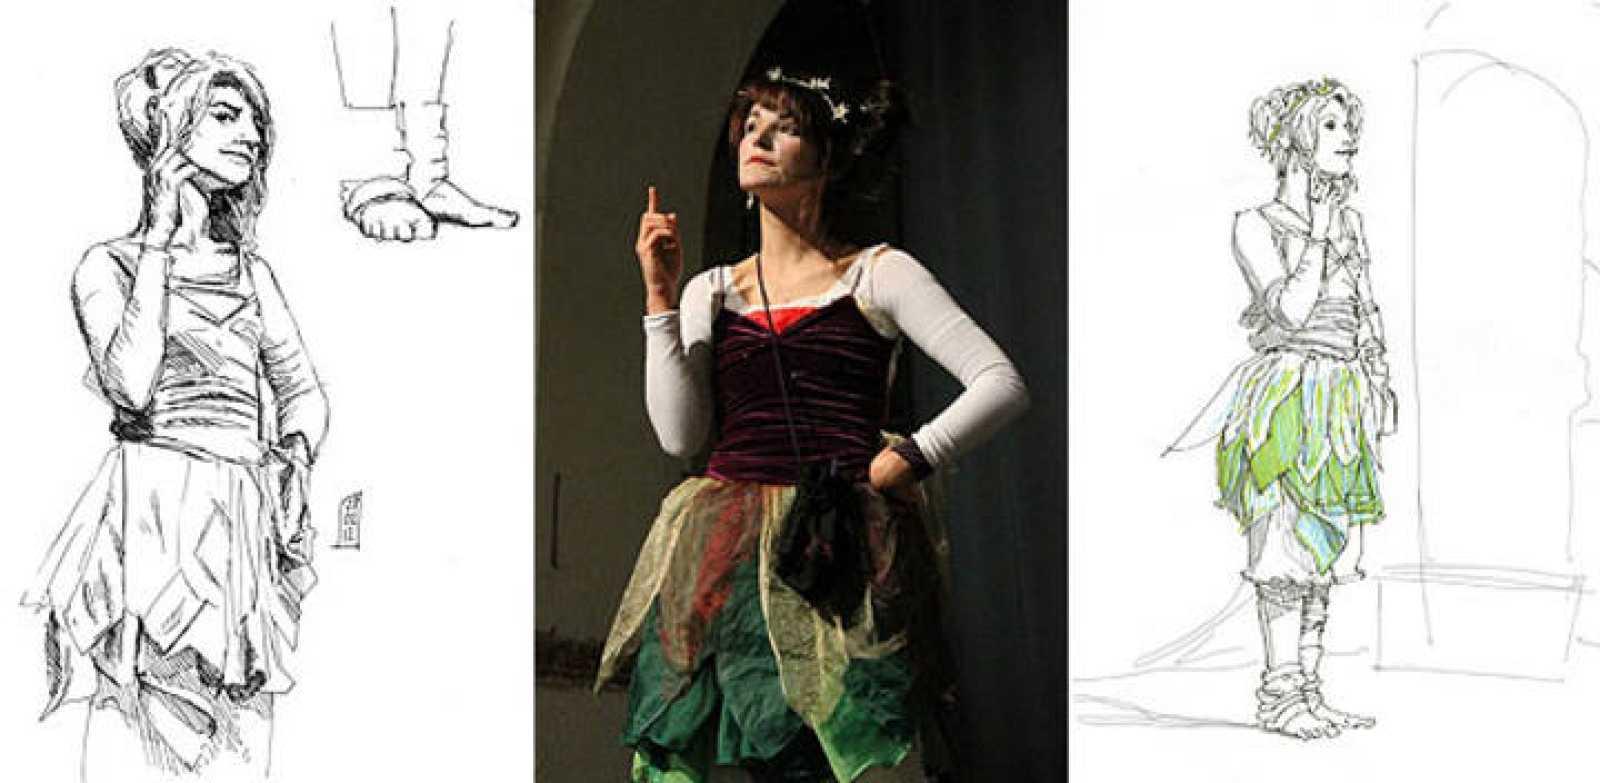 Dibujos de Víctor Zurdo y Bruno Branca y la modelo, la mimo Araceli Lozano